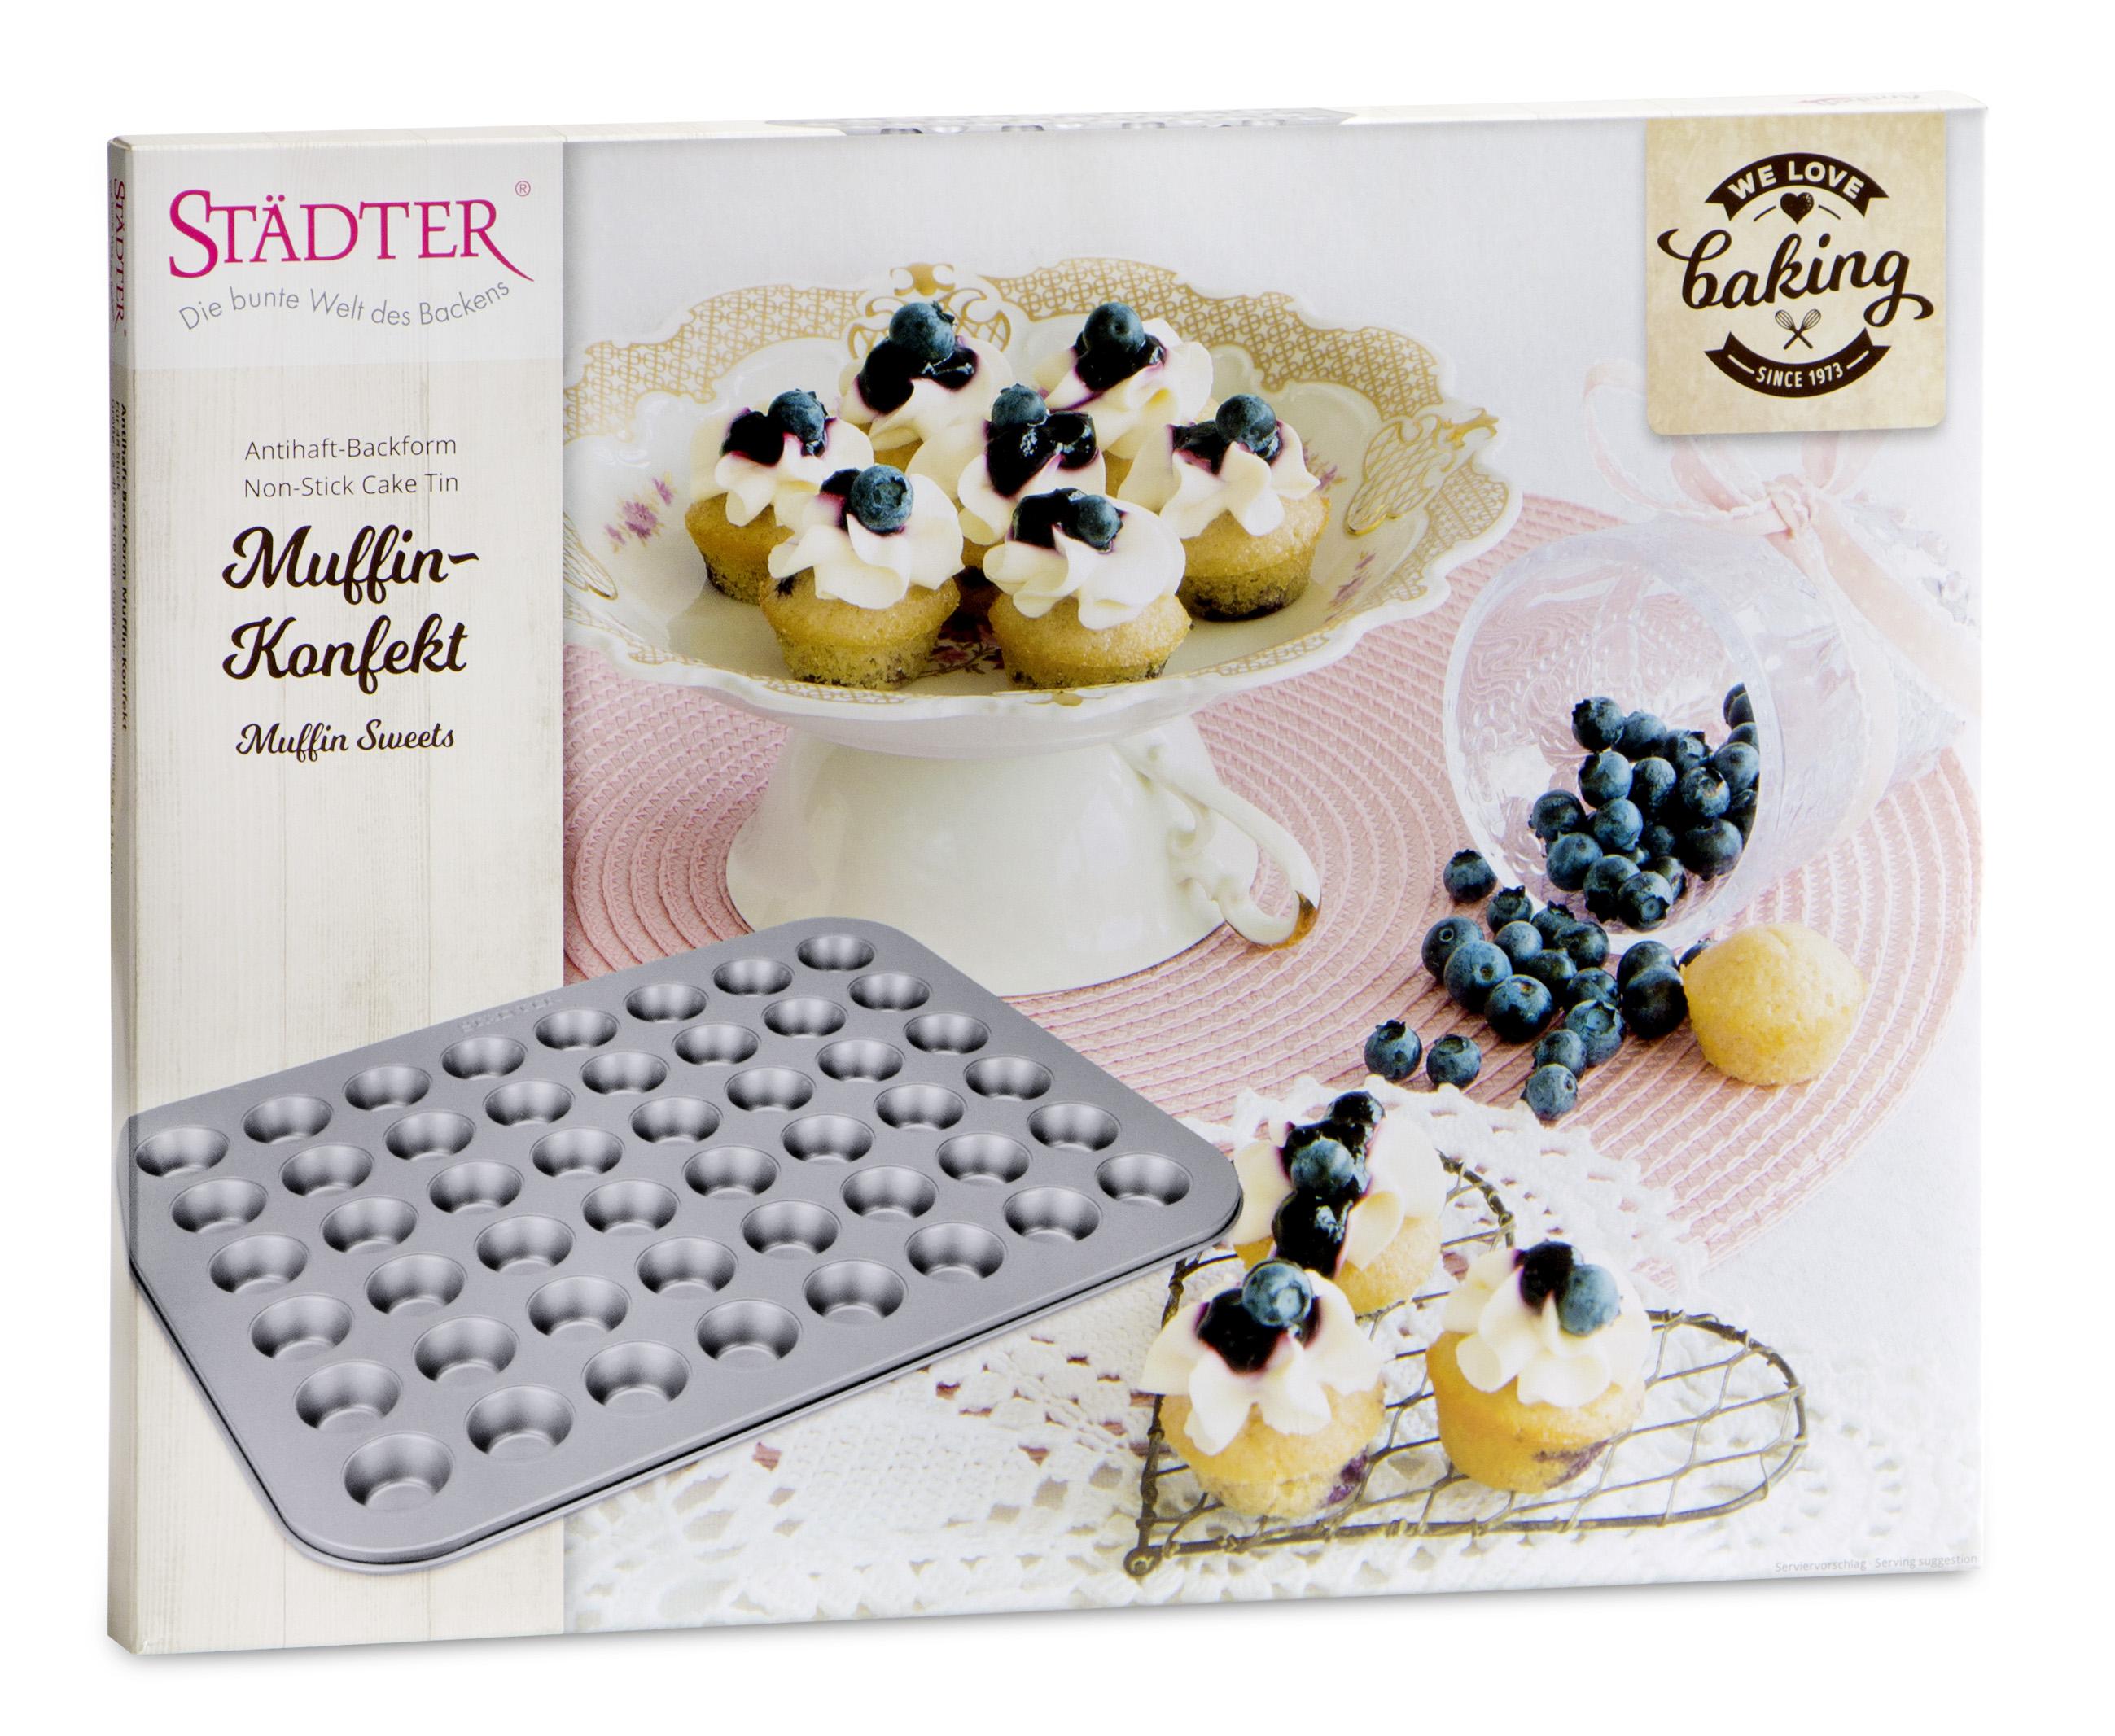 Muffin Konfekt Backblech